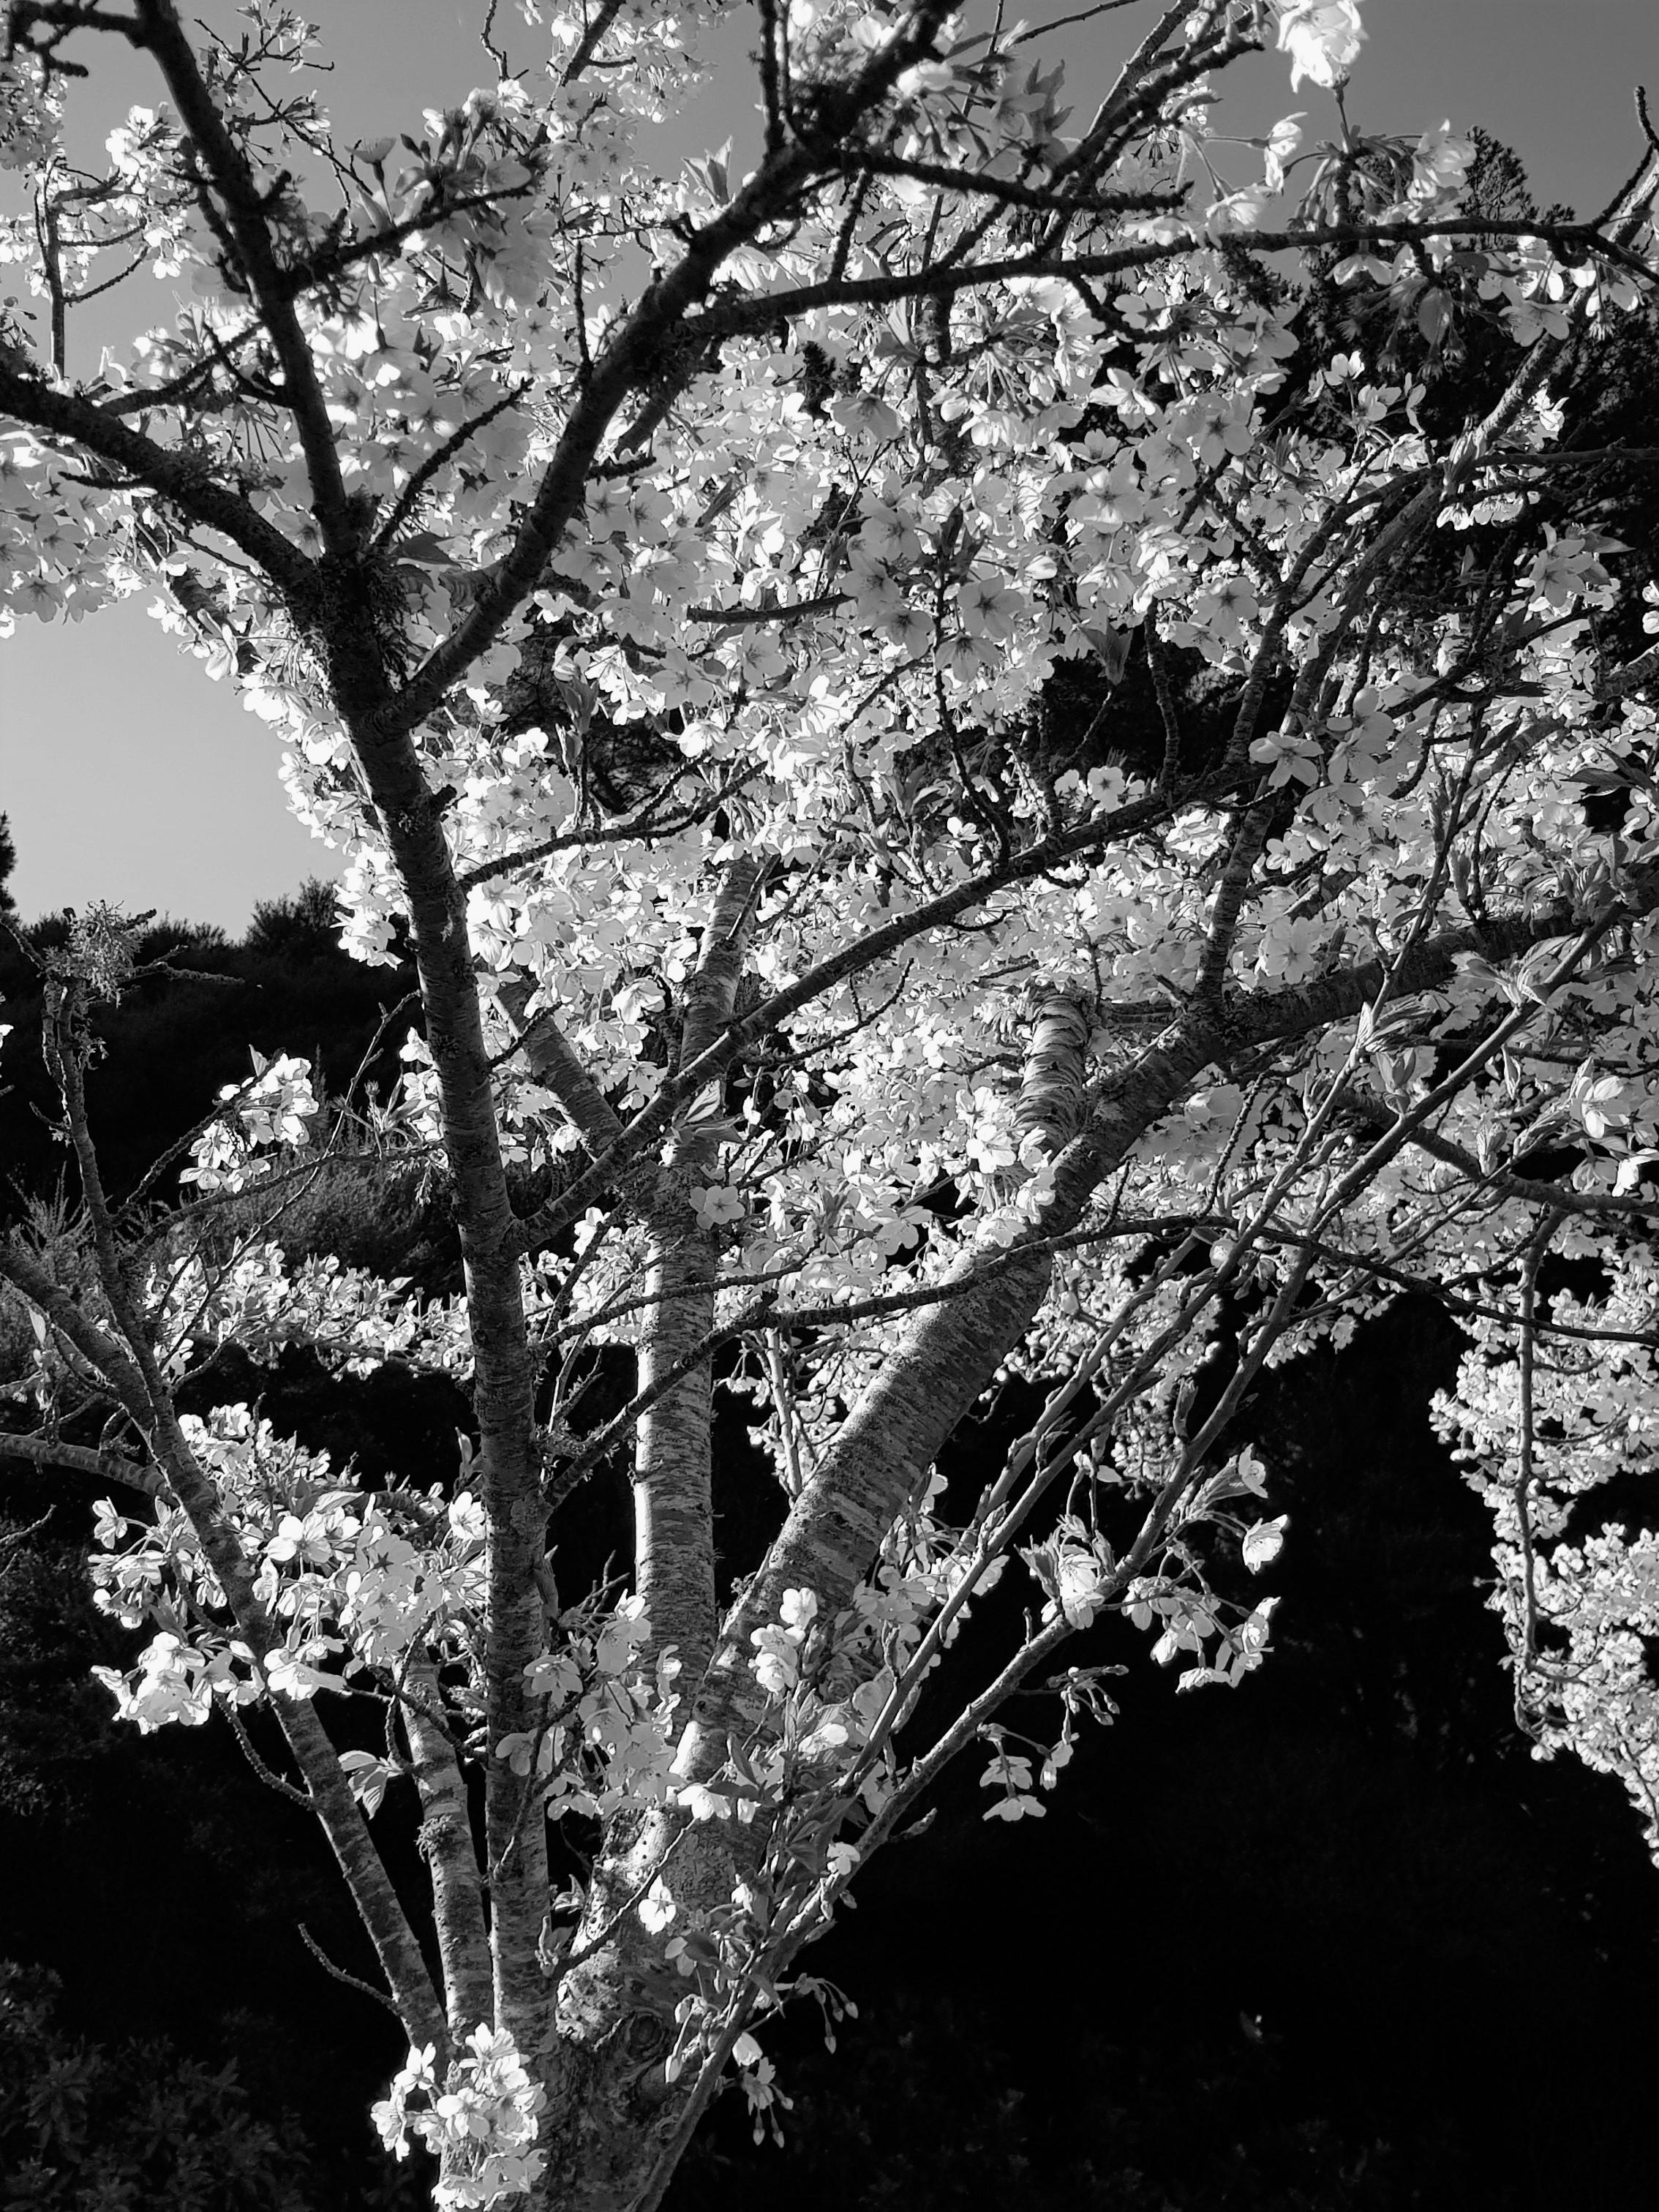 20180922_161341 (Cherry blossom spray)